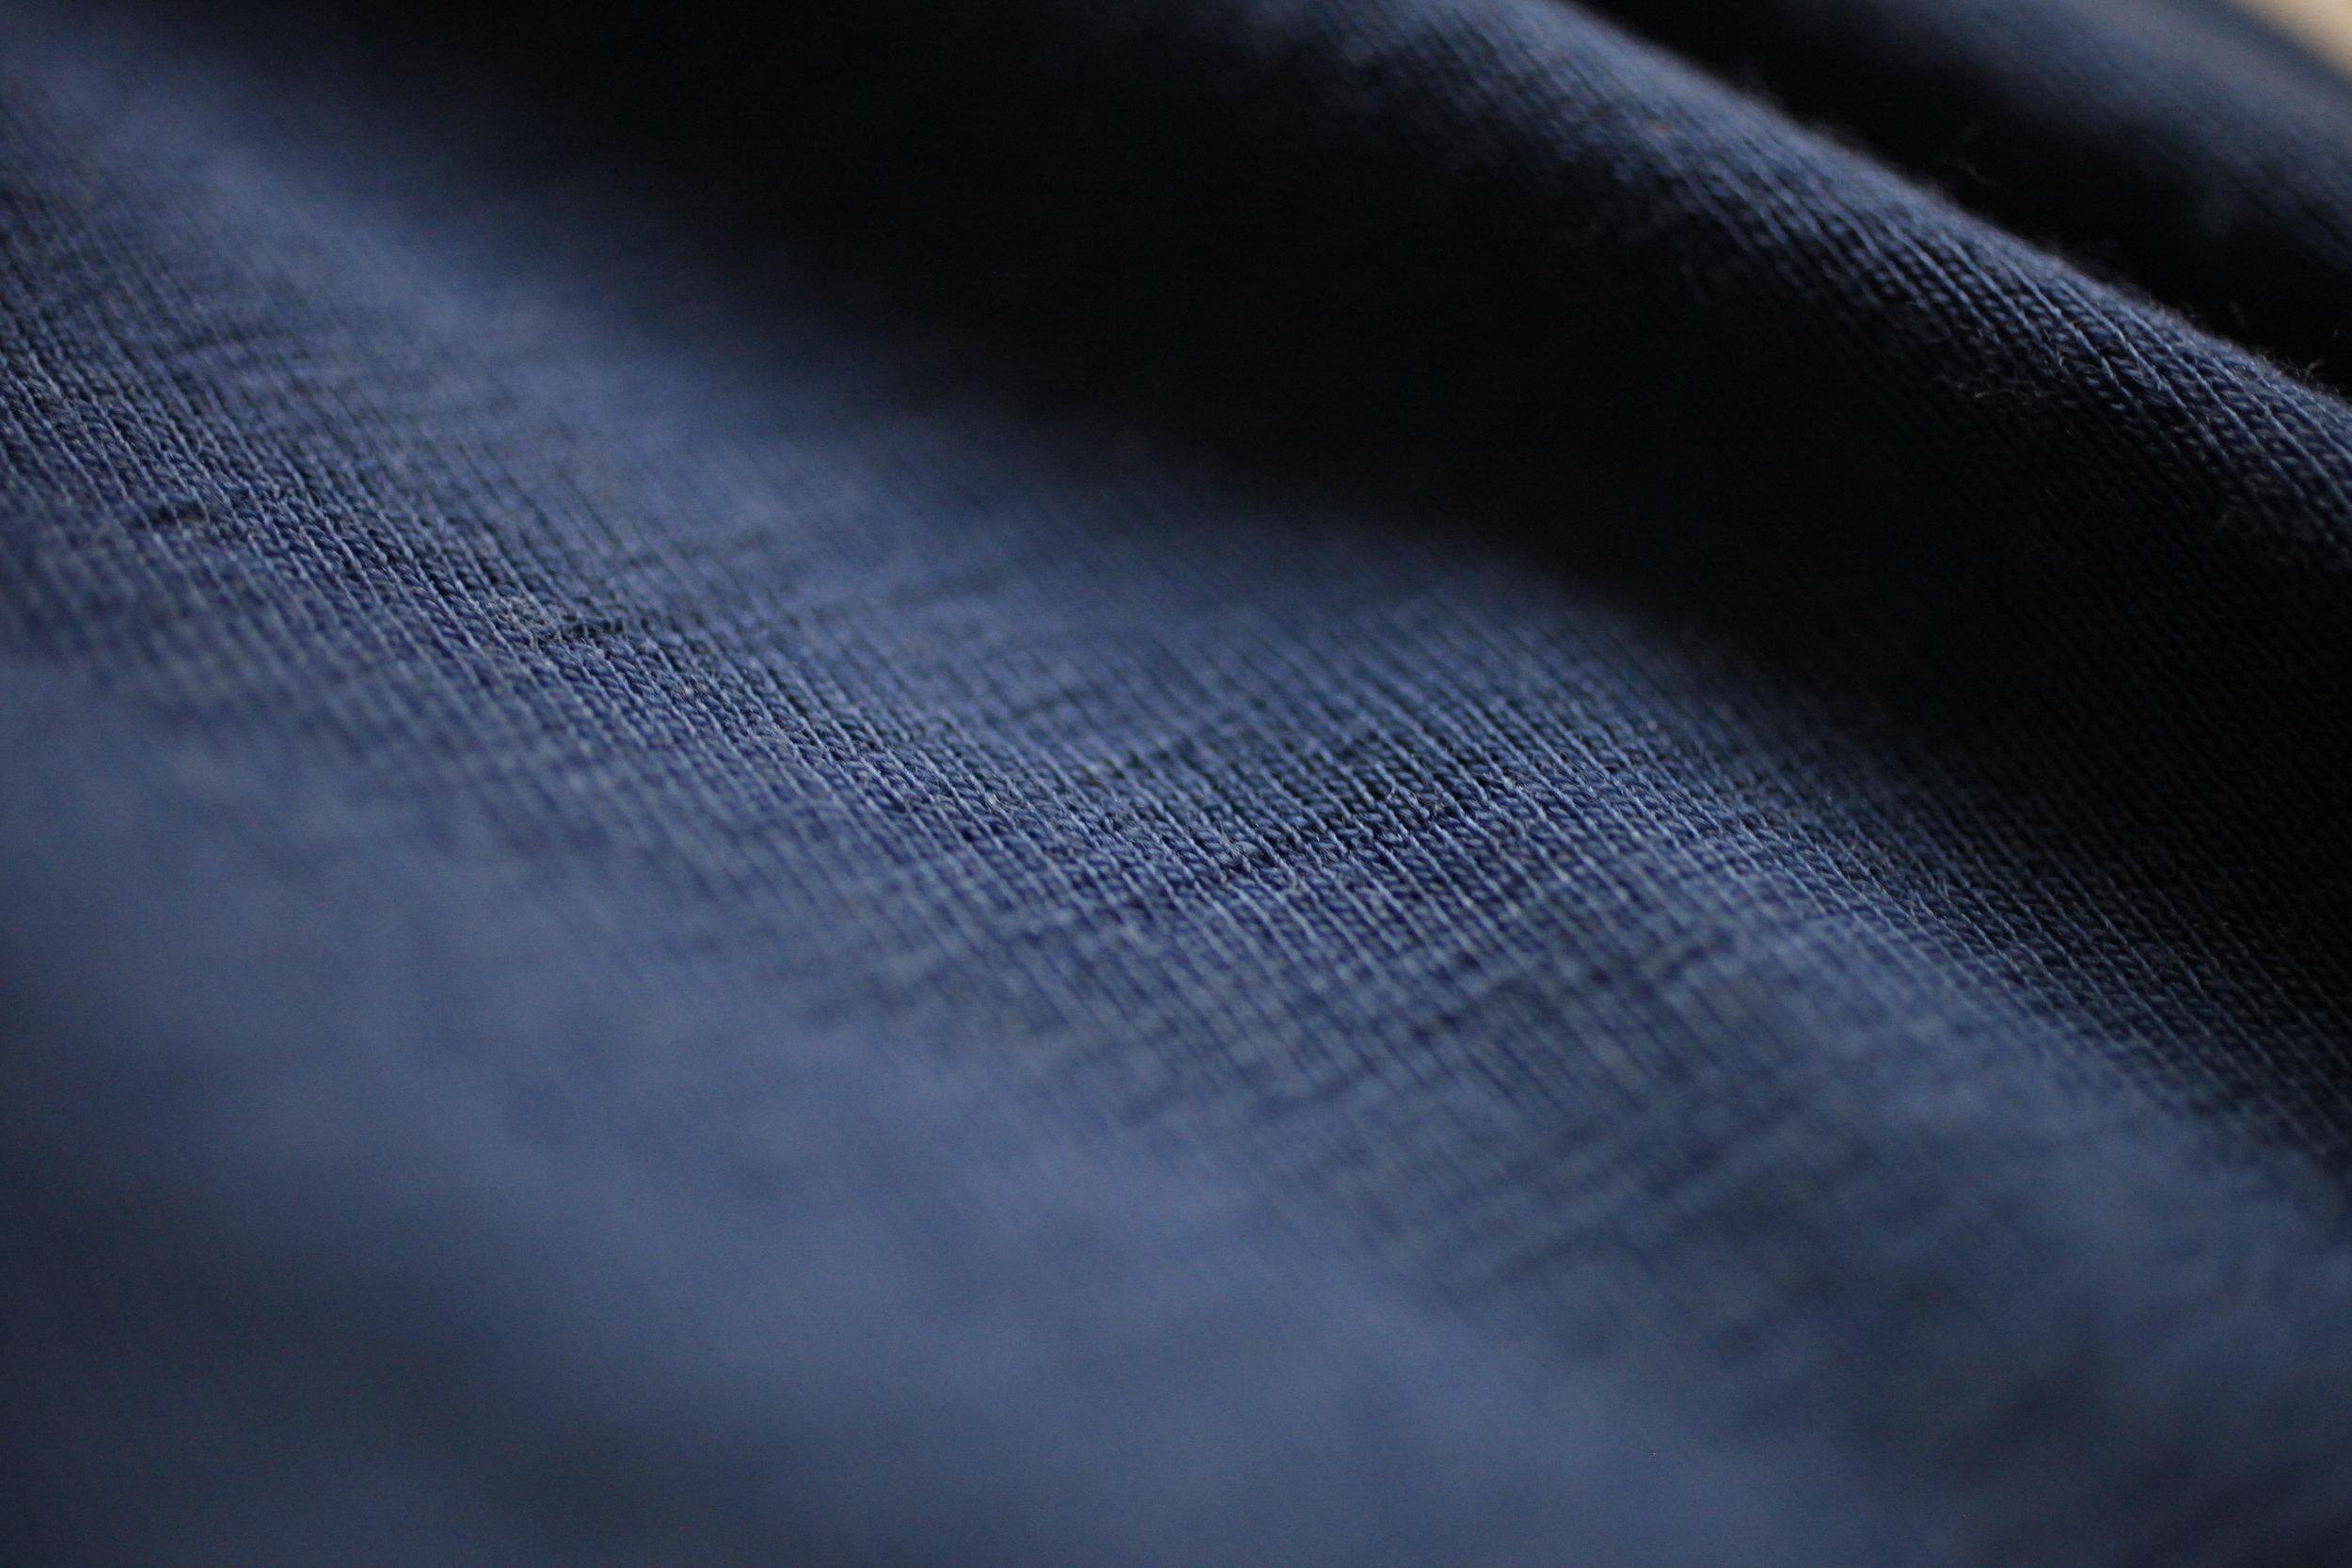 Rapha laine mérinos t shirt (5).JPG